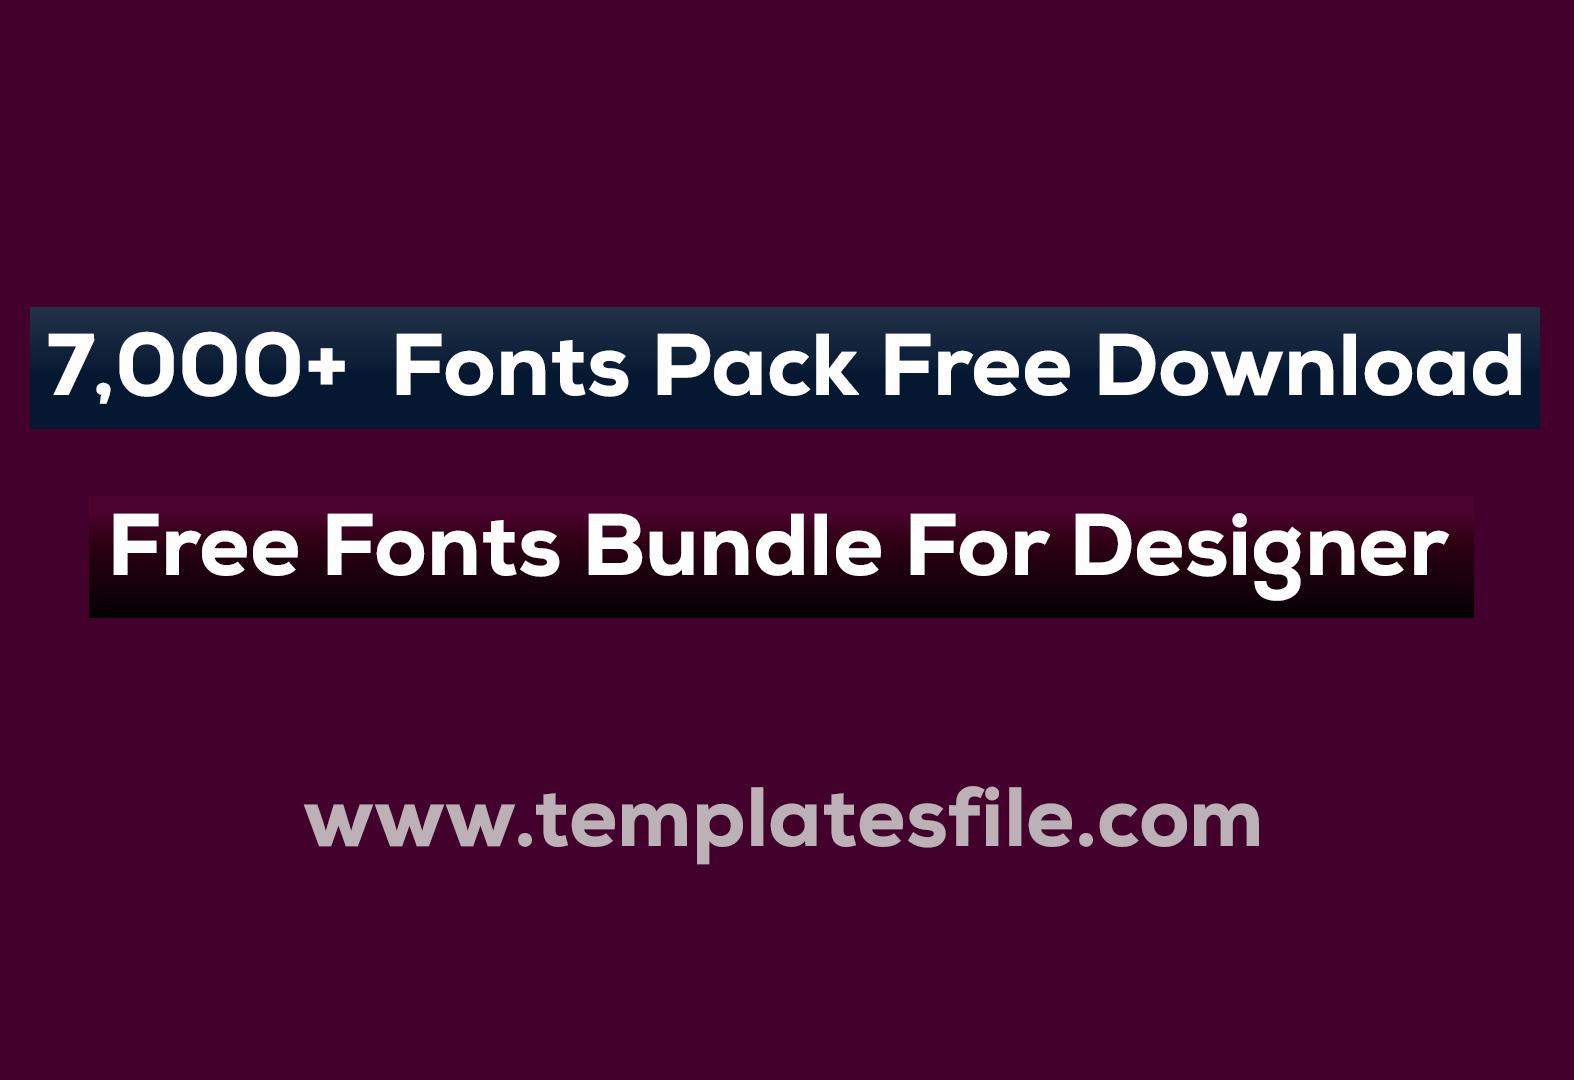 7,000+  Fonts Pack Free Download | Free Fonts Bundle For Designer